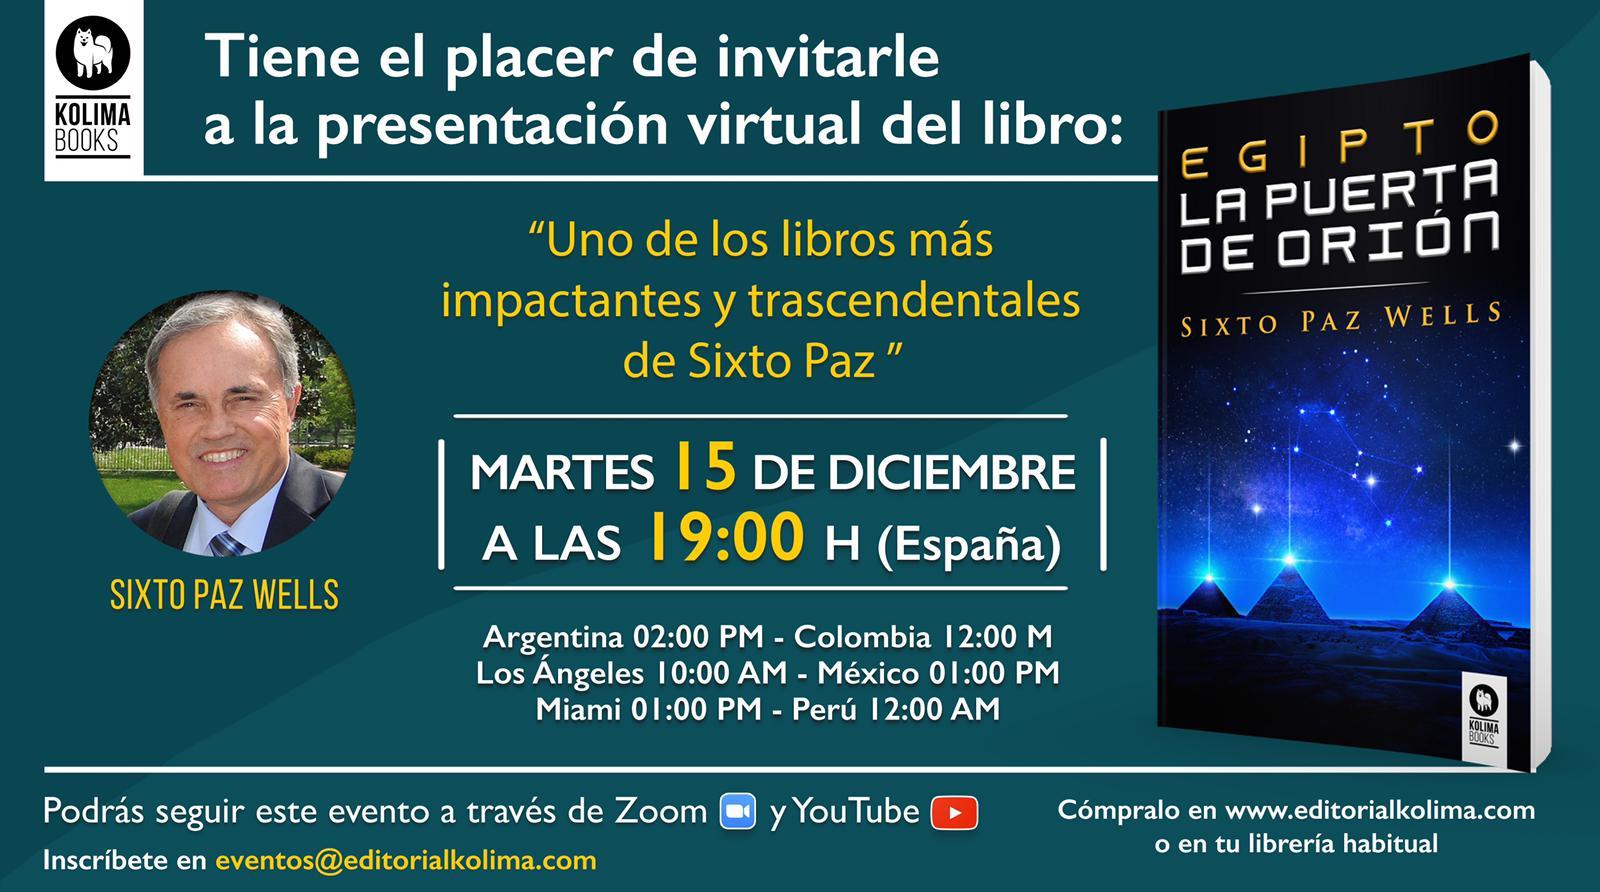 EDITORIAL KOLIMA BOOKS – PRESENTACIÓN DEL LIBRO «EGIPTO LA PUERTA DE ORIÓN»